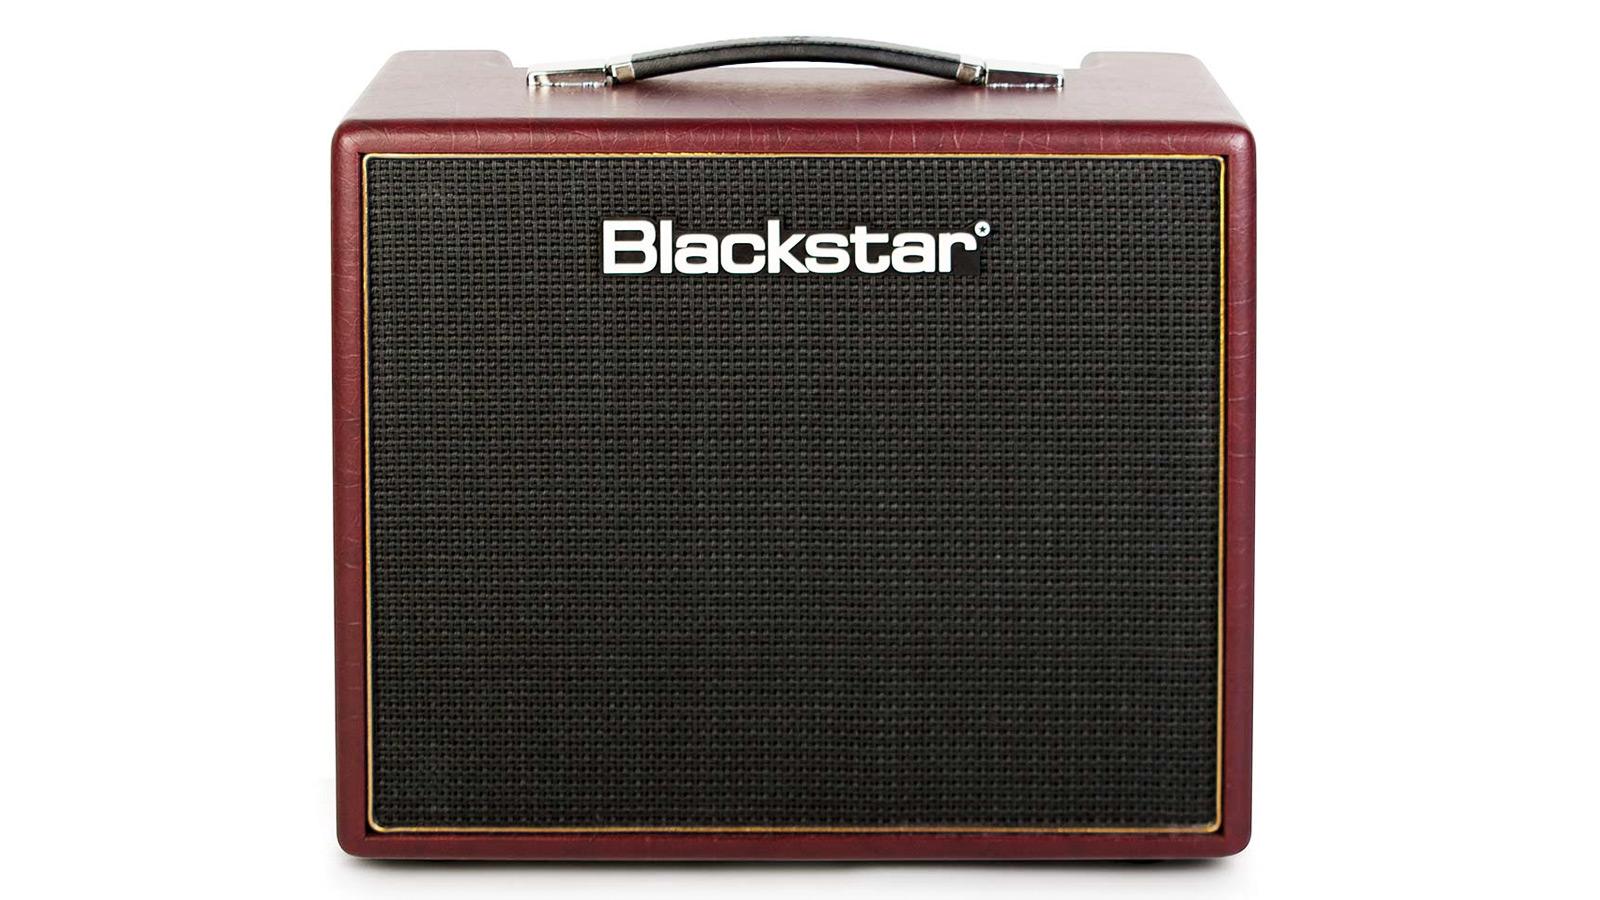 Blackstar Artisan 10 AE Röhrenverstärker